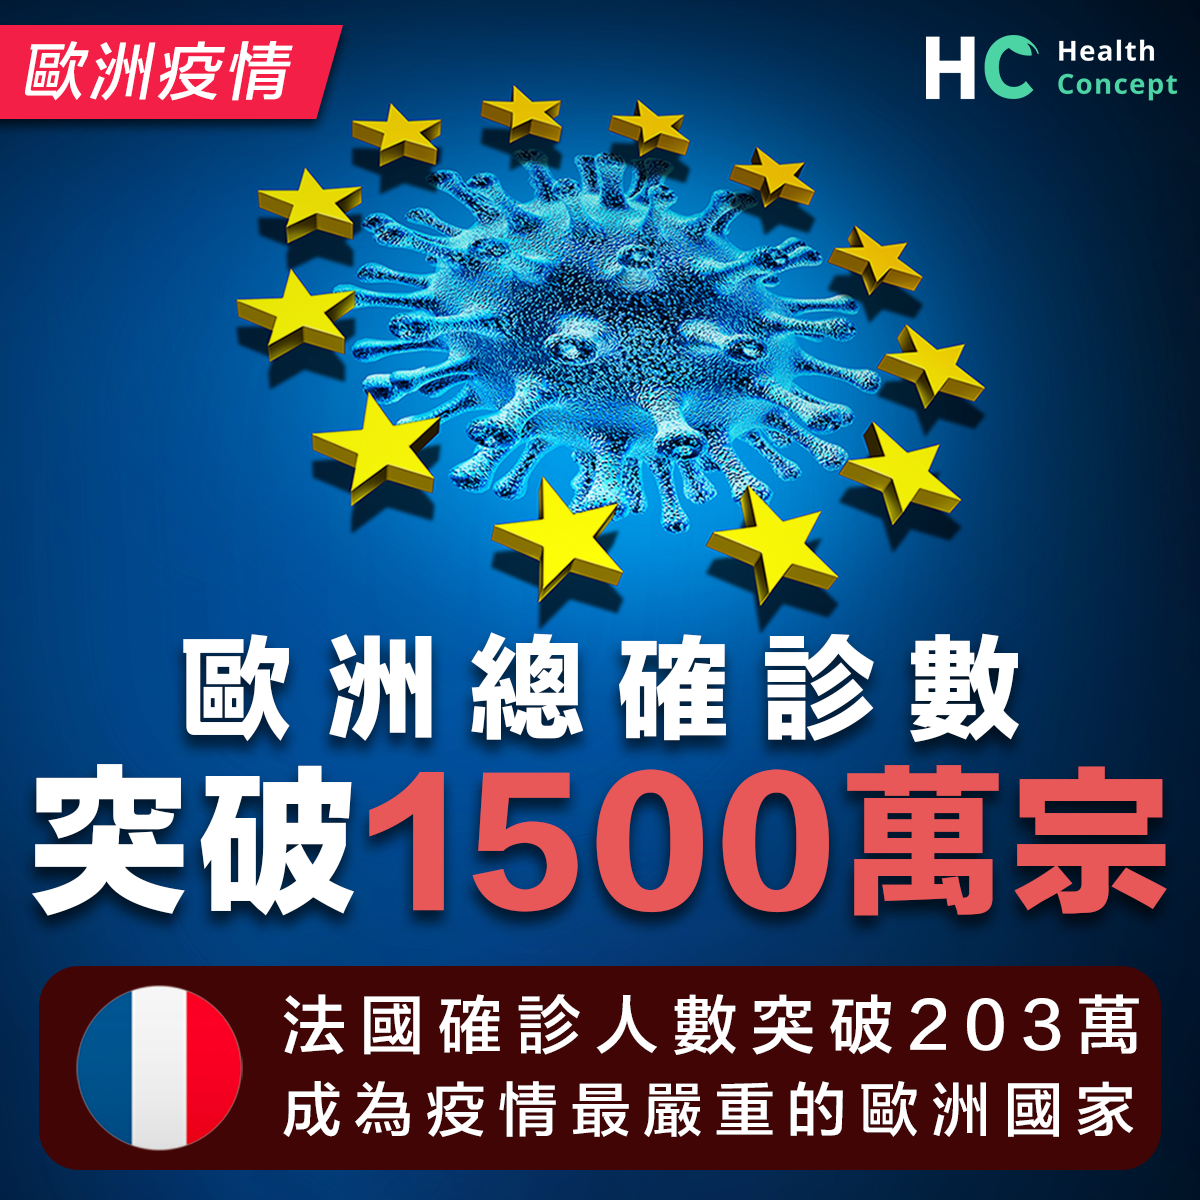 歐洲總確診數破1500萬 法國200萬確診排第一